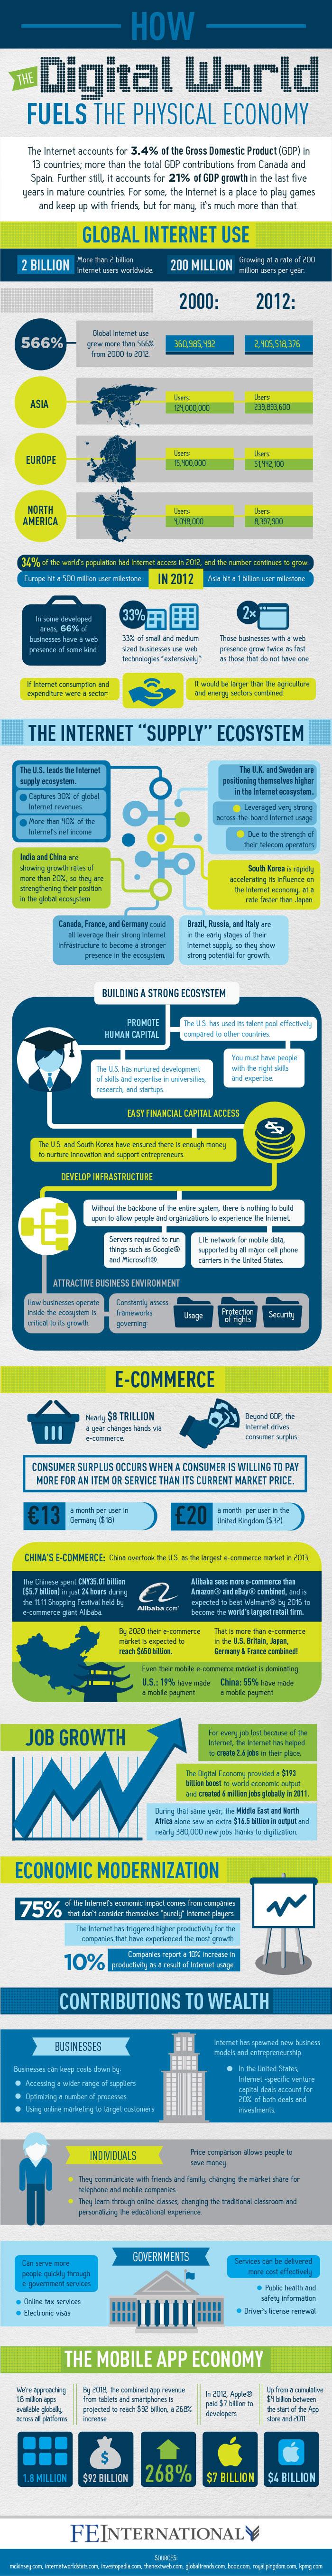 Internet's Impact On Economy